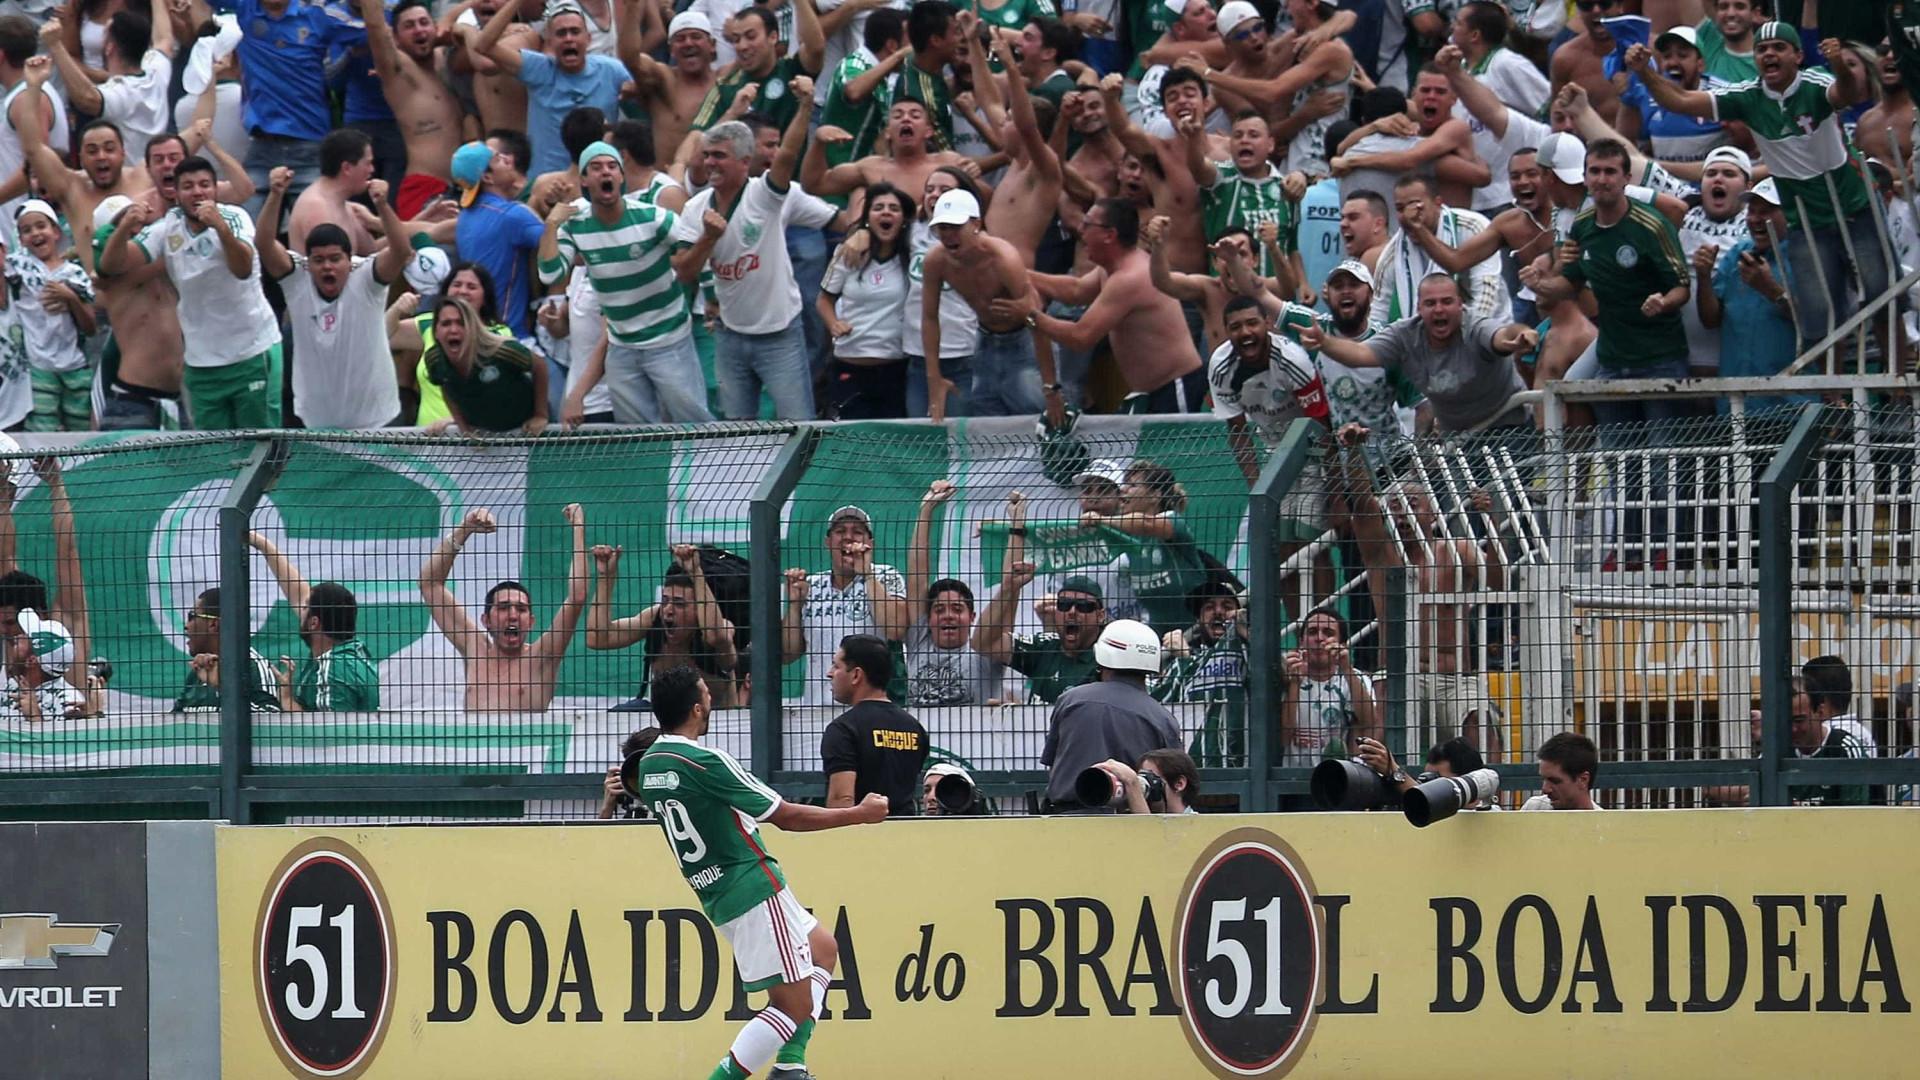 Com Allianz fechado, Palmeiras mandará jogo no Pacaembu